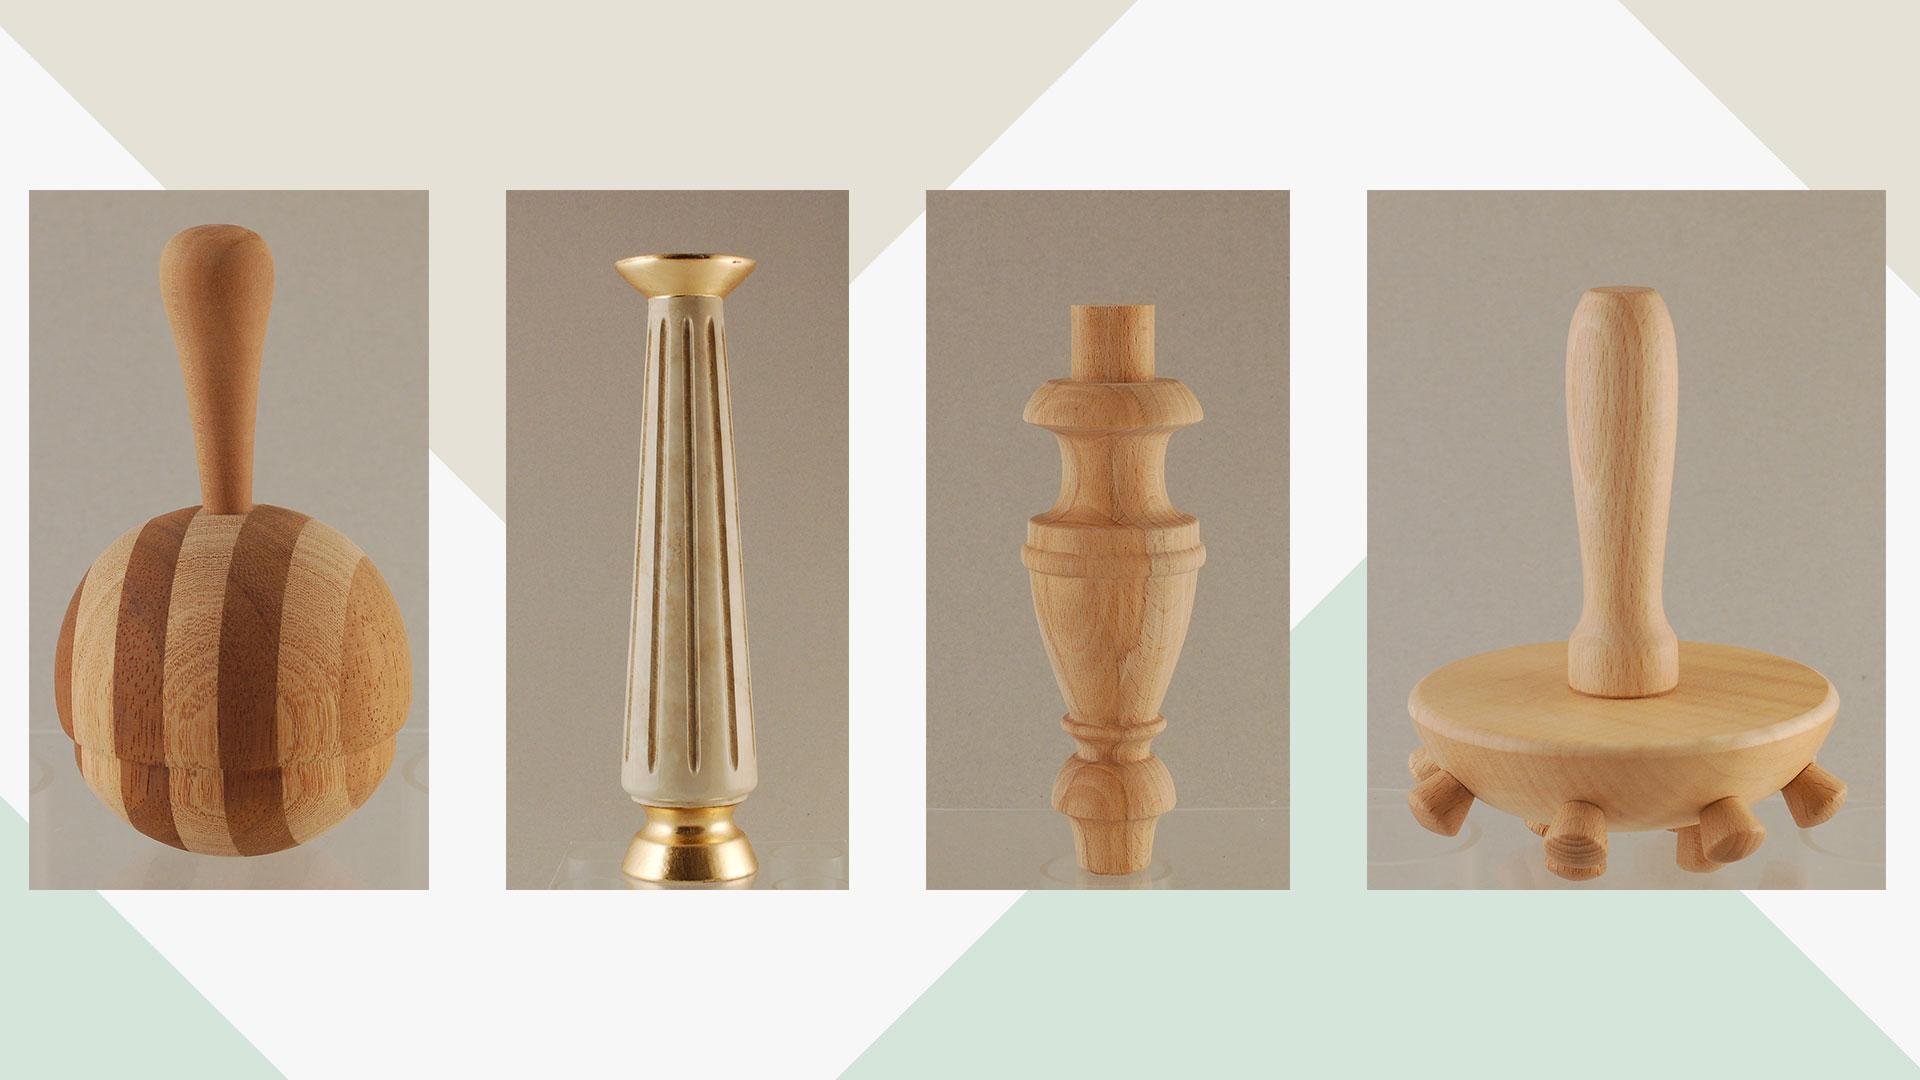 Prodotti in legno fatti a mano Made in Italy - Torneria Bigini Mauro